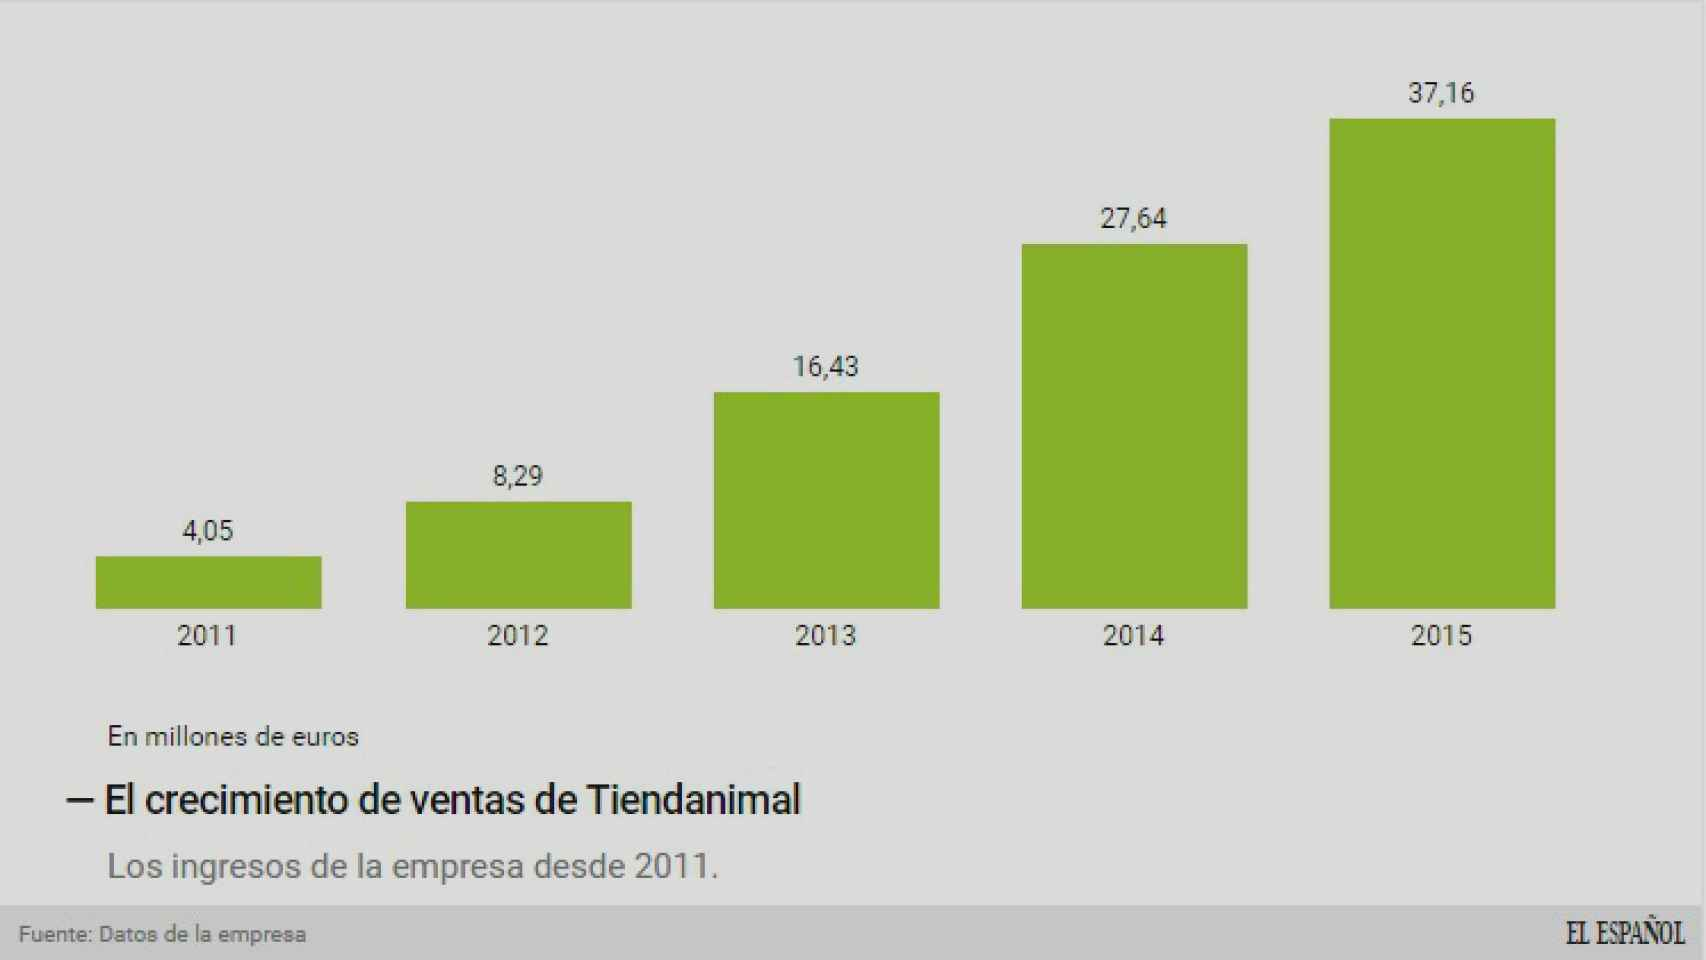 Evolución de las ventas de Tiendanimal.